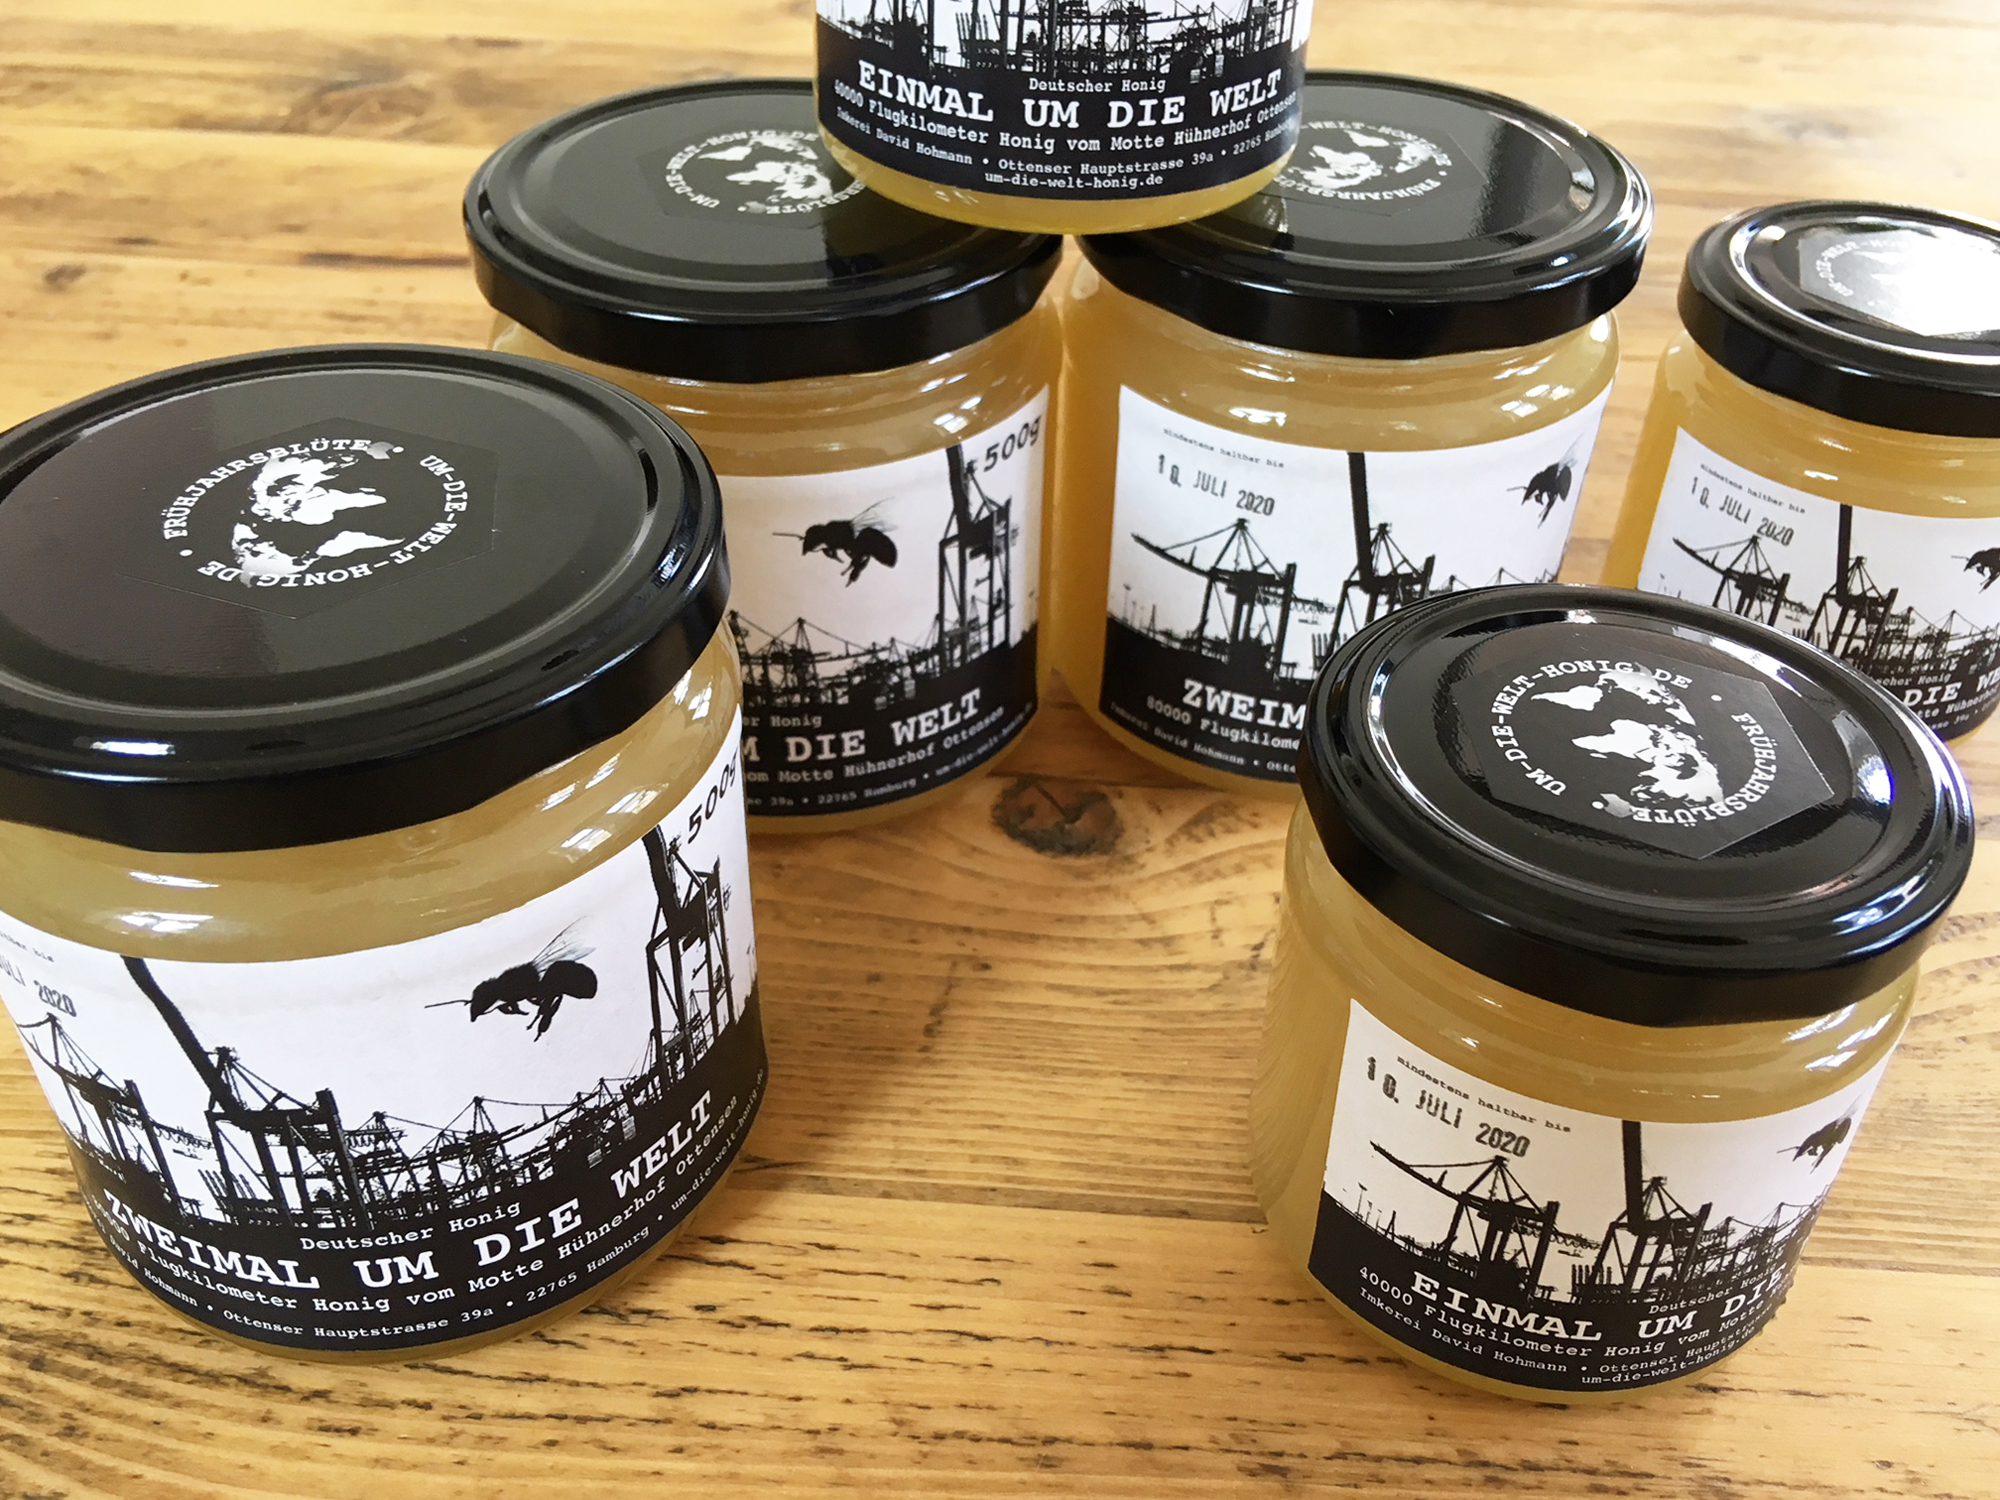 Honig - Um die Welt Honig - Ottensen, Motte